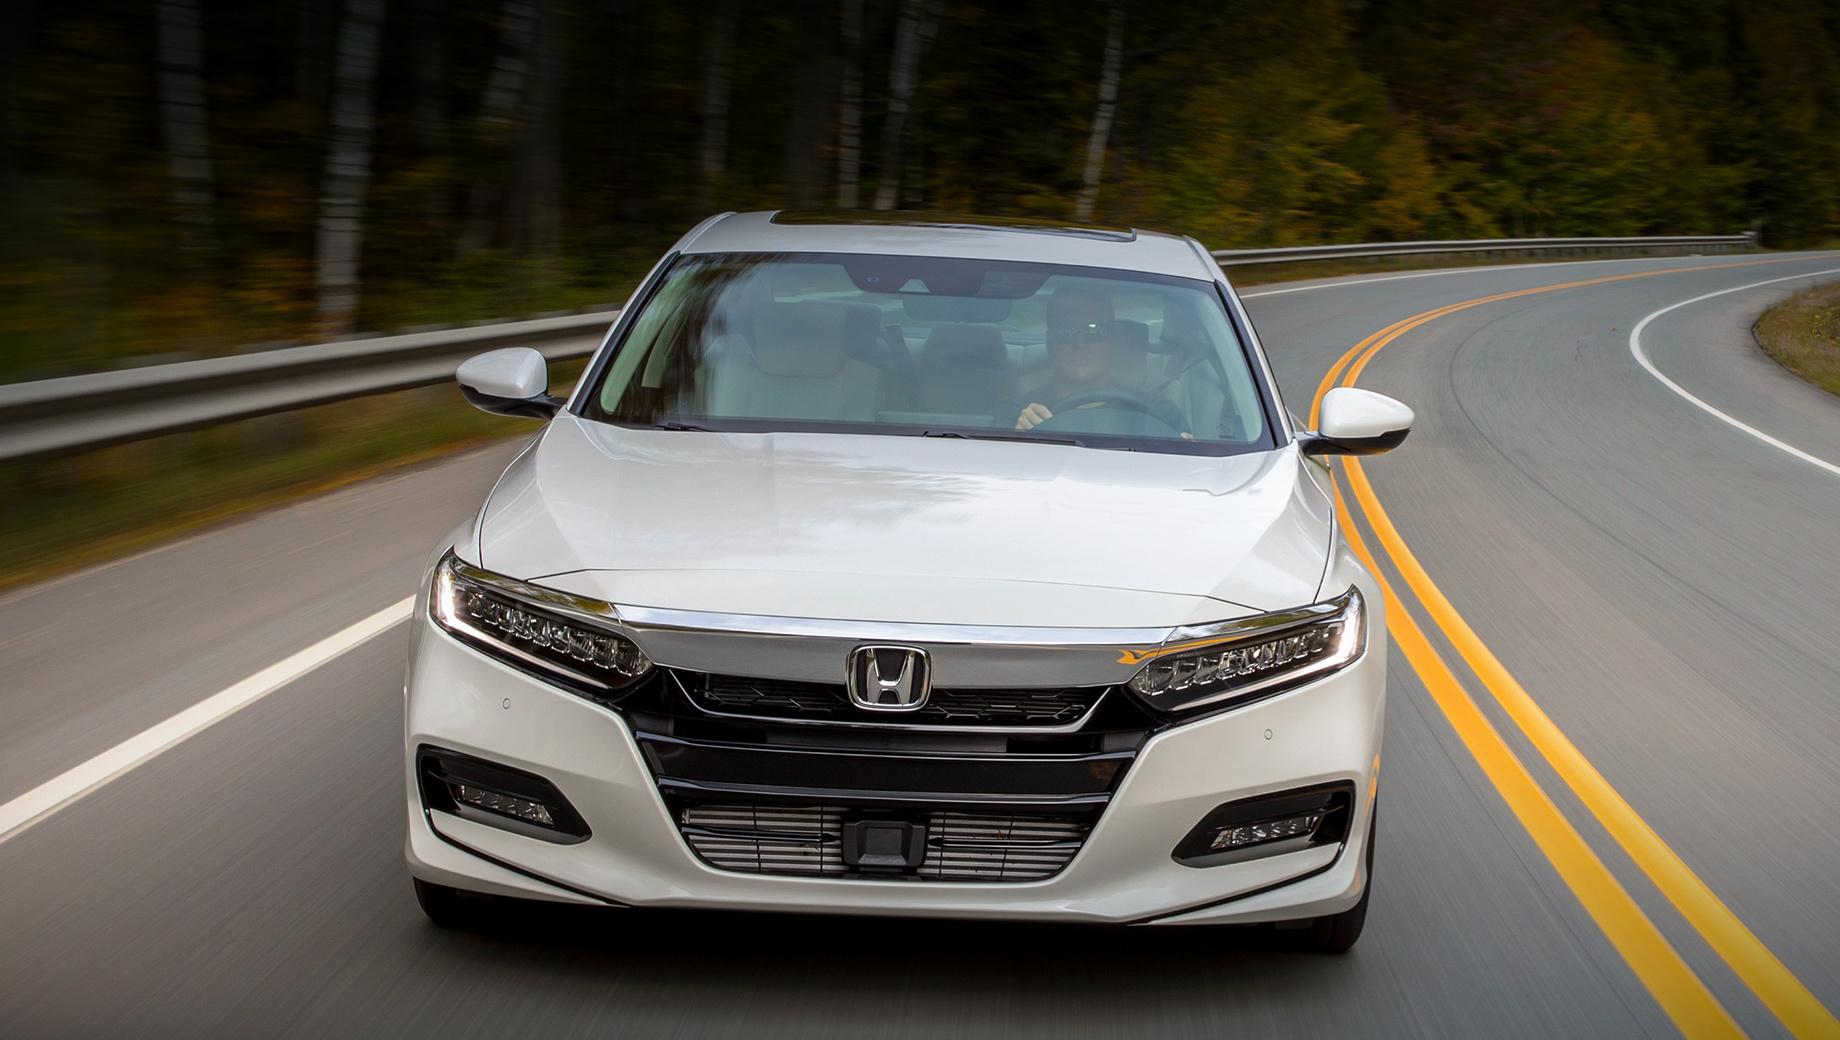 Honda accord,Honda civic,Honda civic type r,Honda hr-v,Honda fit,Honda jazz,Honda insight,Acura rdx,Acura rlx. Из почти полутора миллионов автомобилей Honda конкретно в США под отзывную кампанию попадают 136 057 машин. В конце июля японская компания начнёт приглашать владельцев на сервис для бесплатной замены узла.